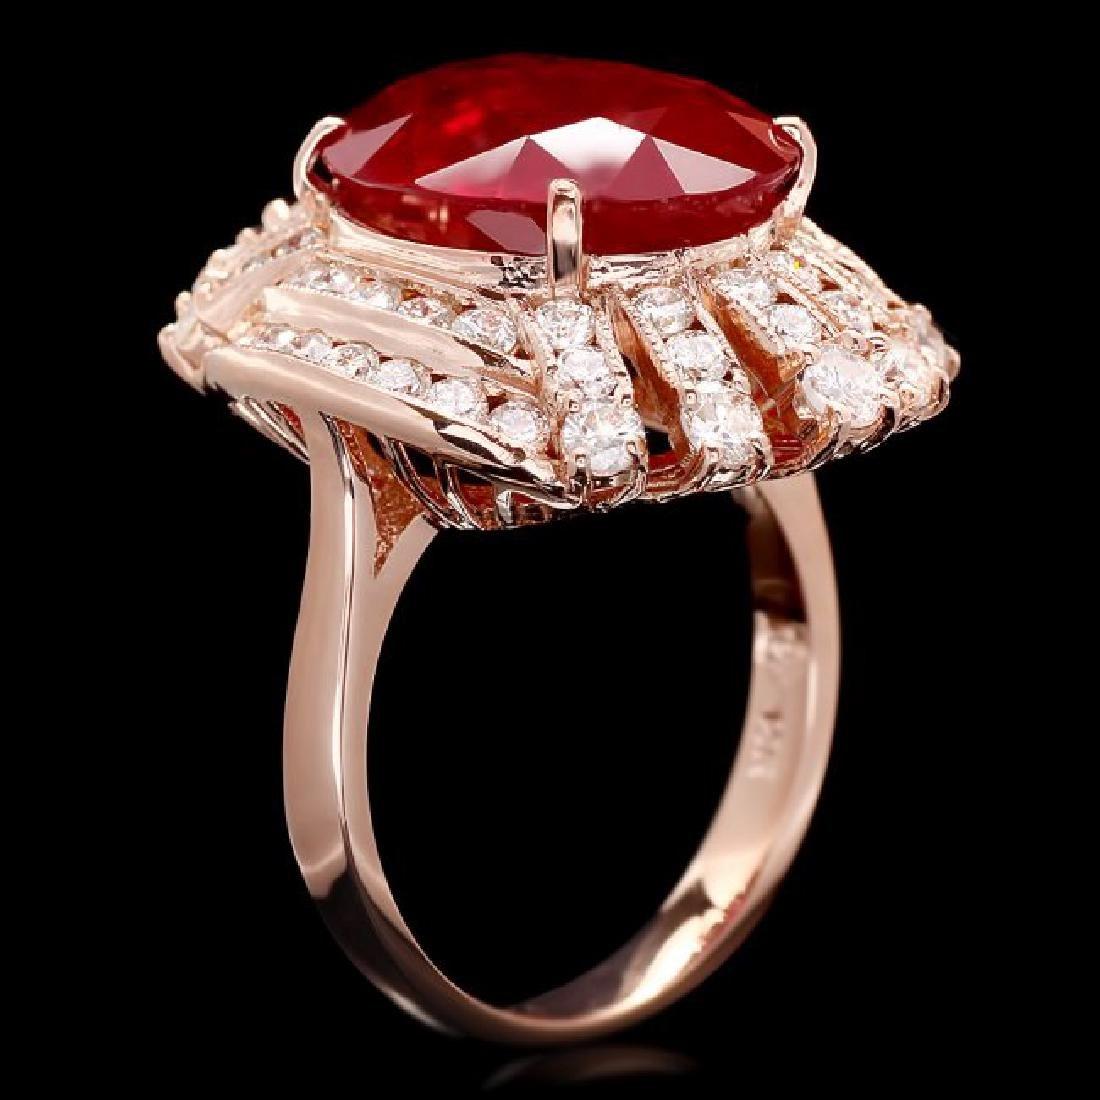 14k Rose Gold 10.00ct Ruby 1.85ct Diamond Ring